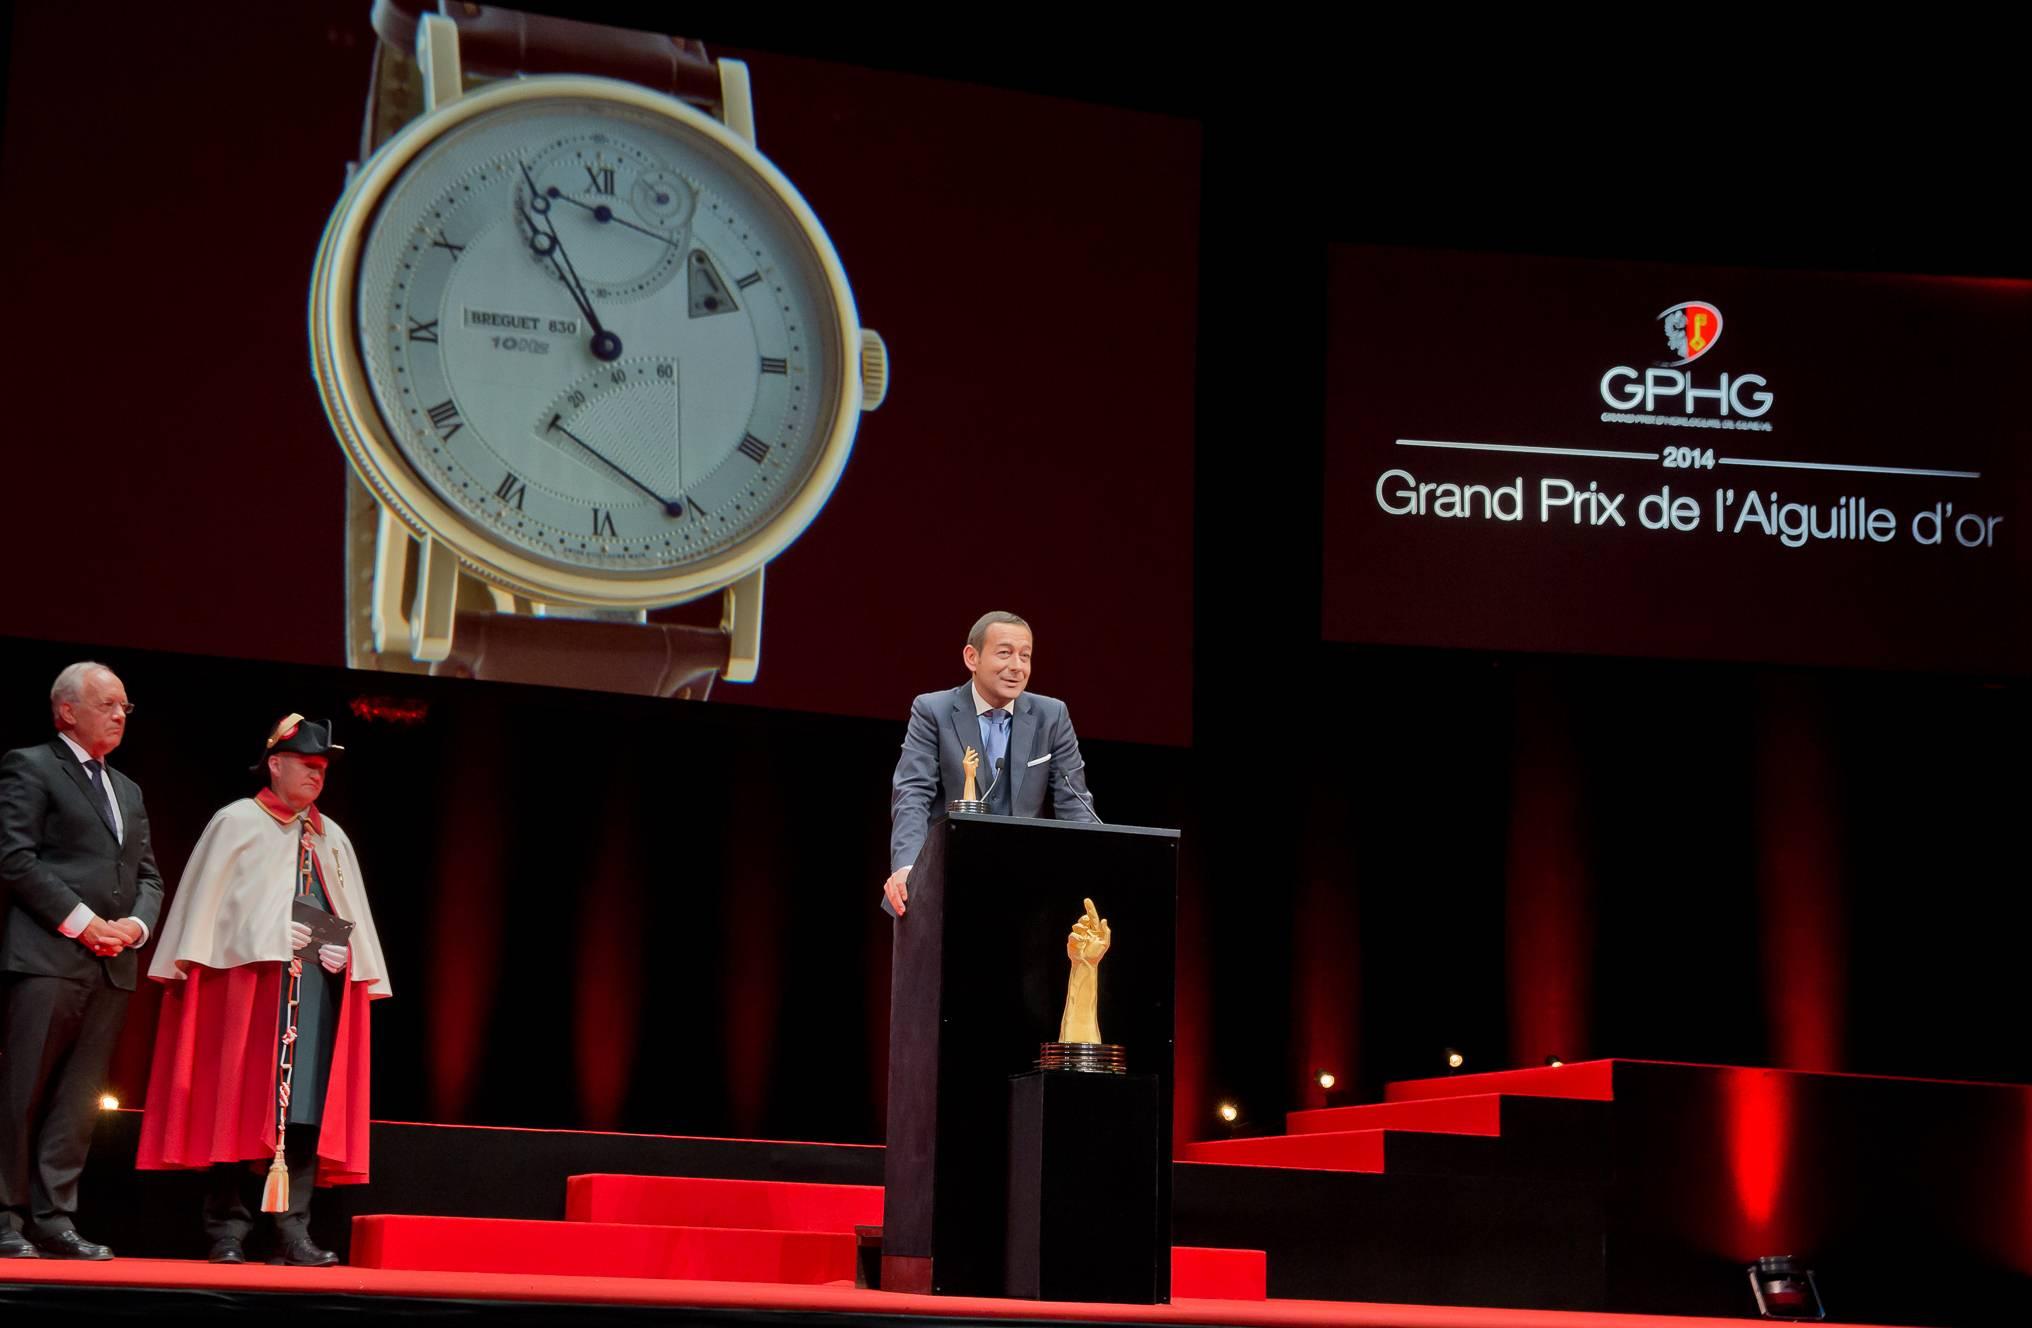 Johann Schneider-Ammann (Federal councillor) and Jean-Charles Zufferey (Vice-president of Breguet, winner of the « Aiguille d'Or » Grand Prix 2014)